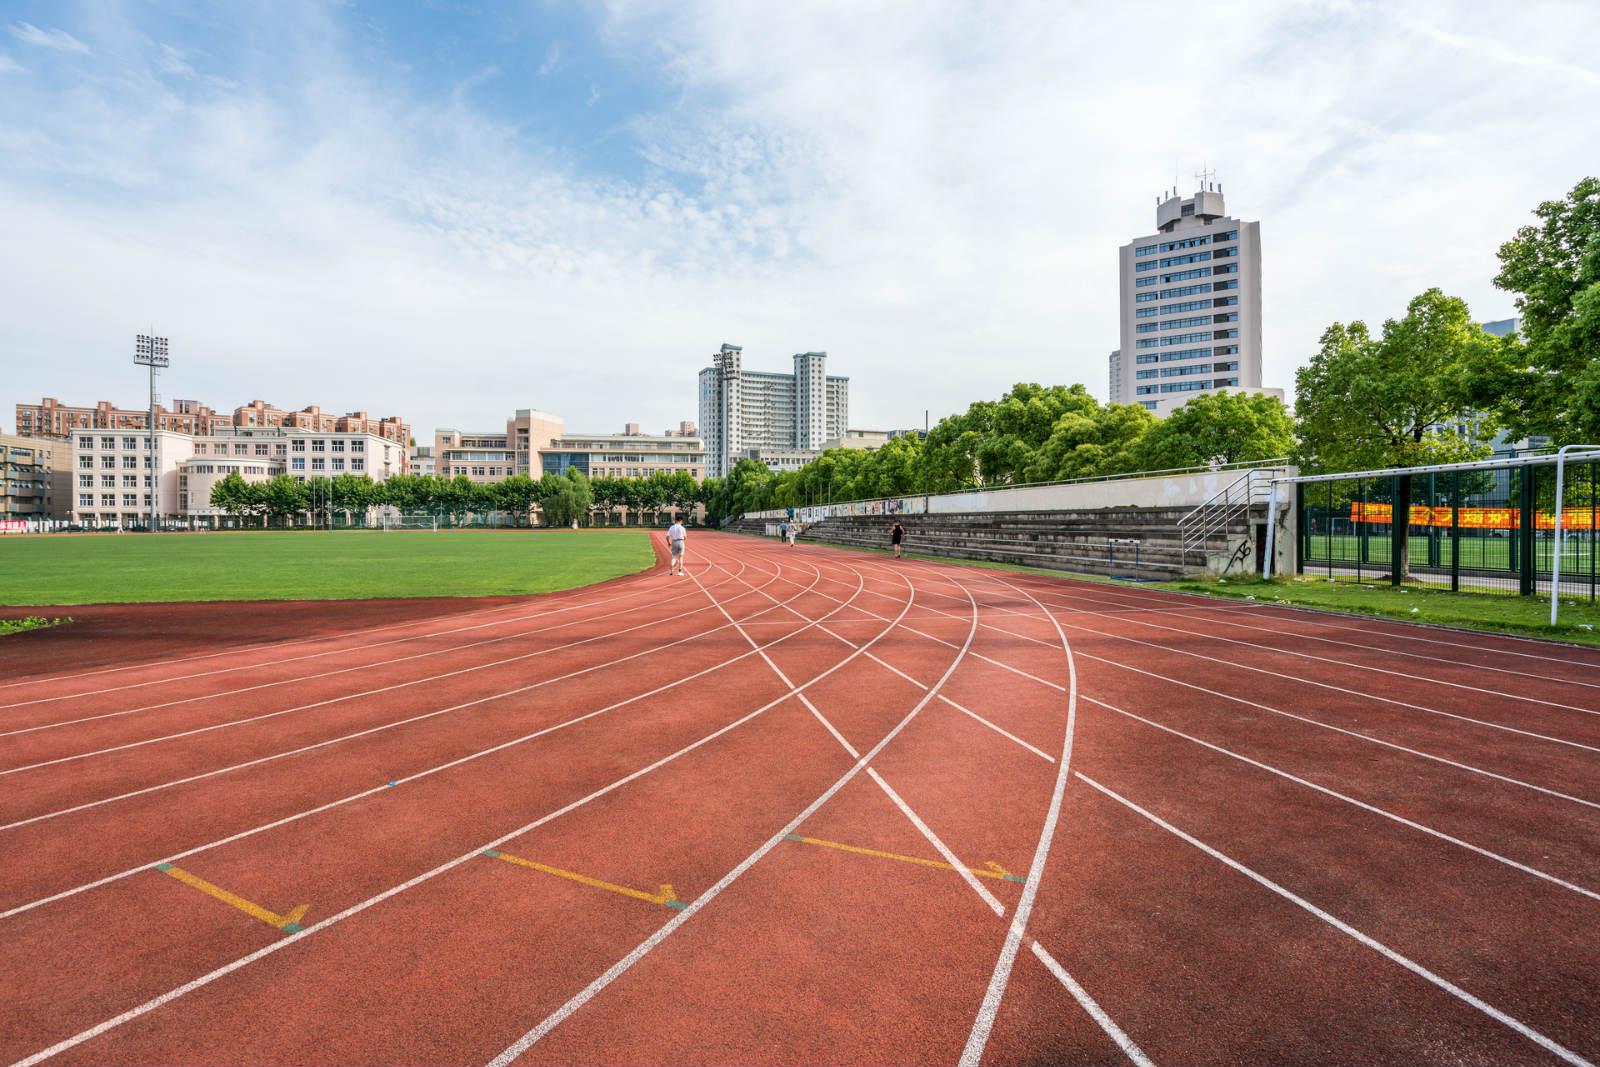 重磅消息!教育局发布:沈阳市中小学学区划分